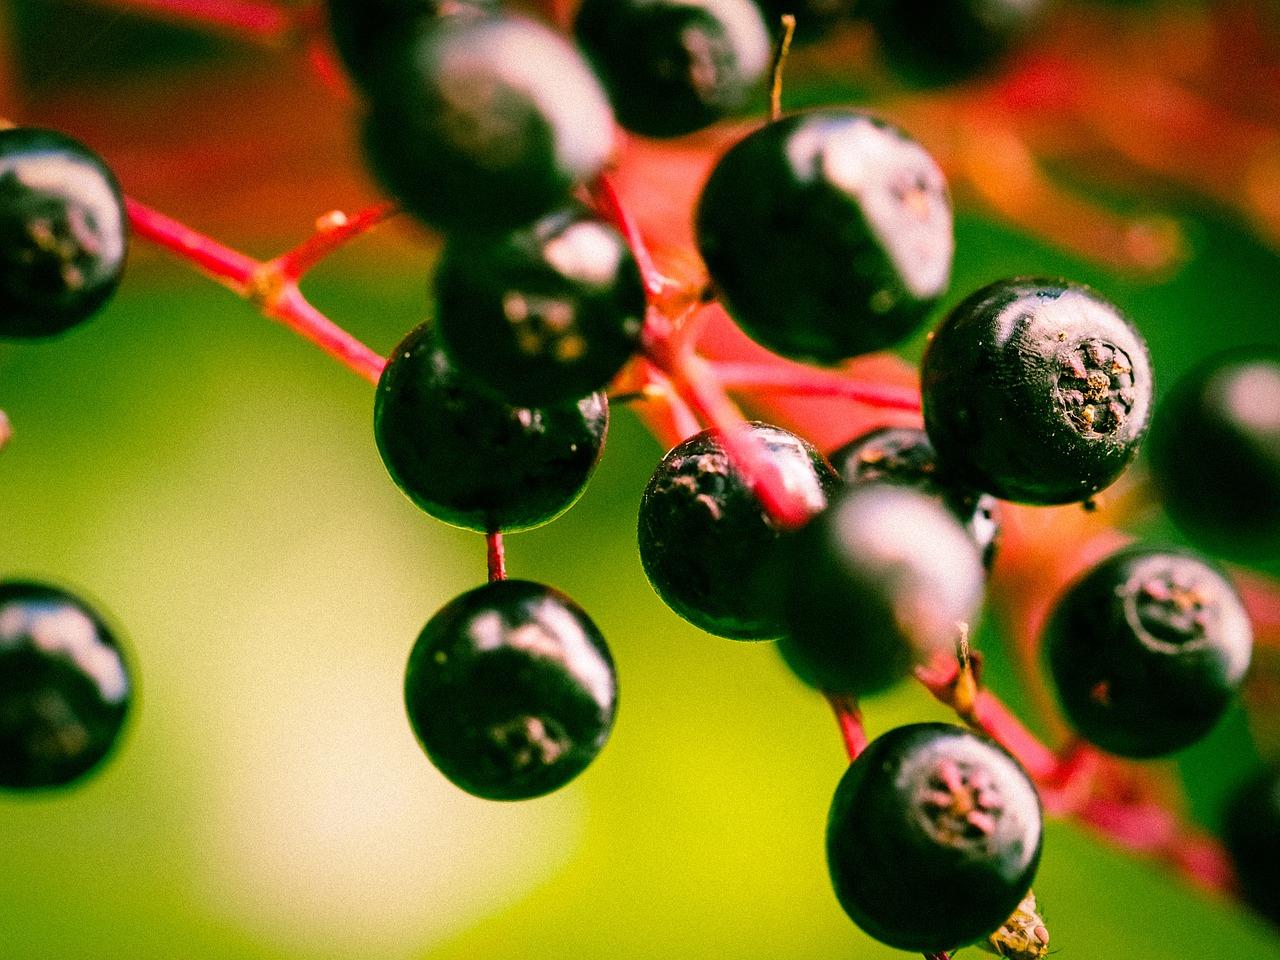 berries-949061_1280.jpg